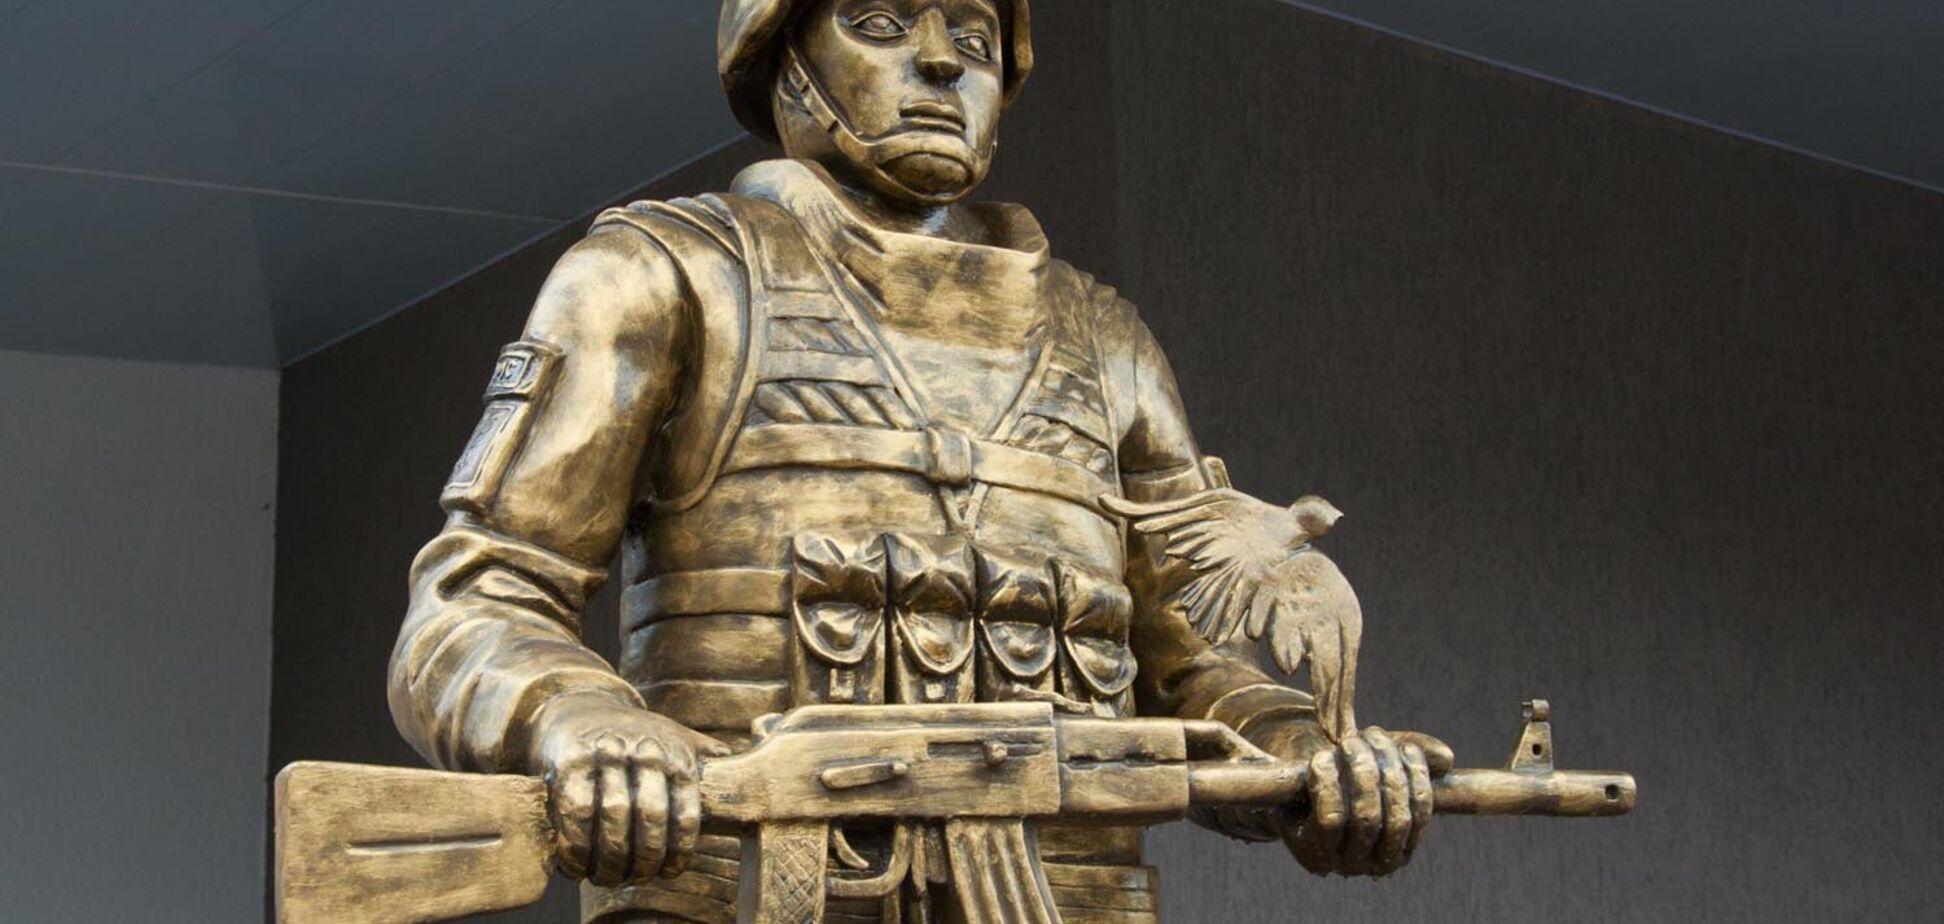 Красивіше за пам'ятник Путіну: соцмережі жорстко висміяли монумент російським 'миротворцям'